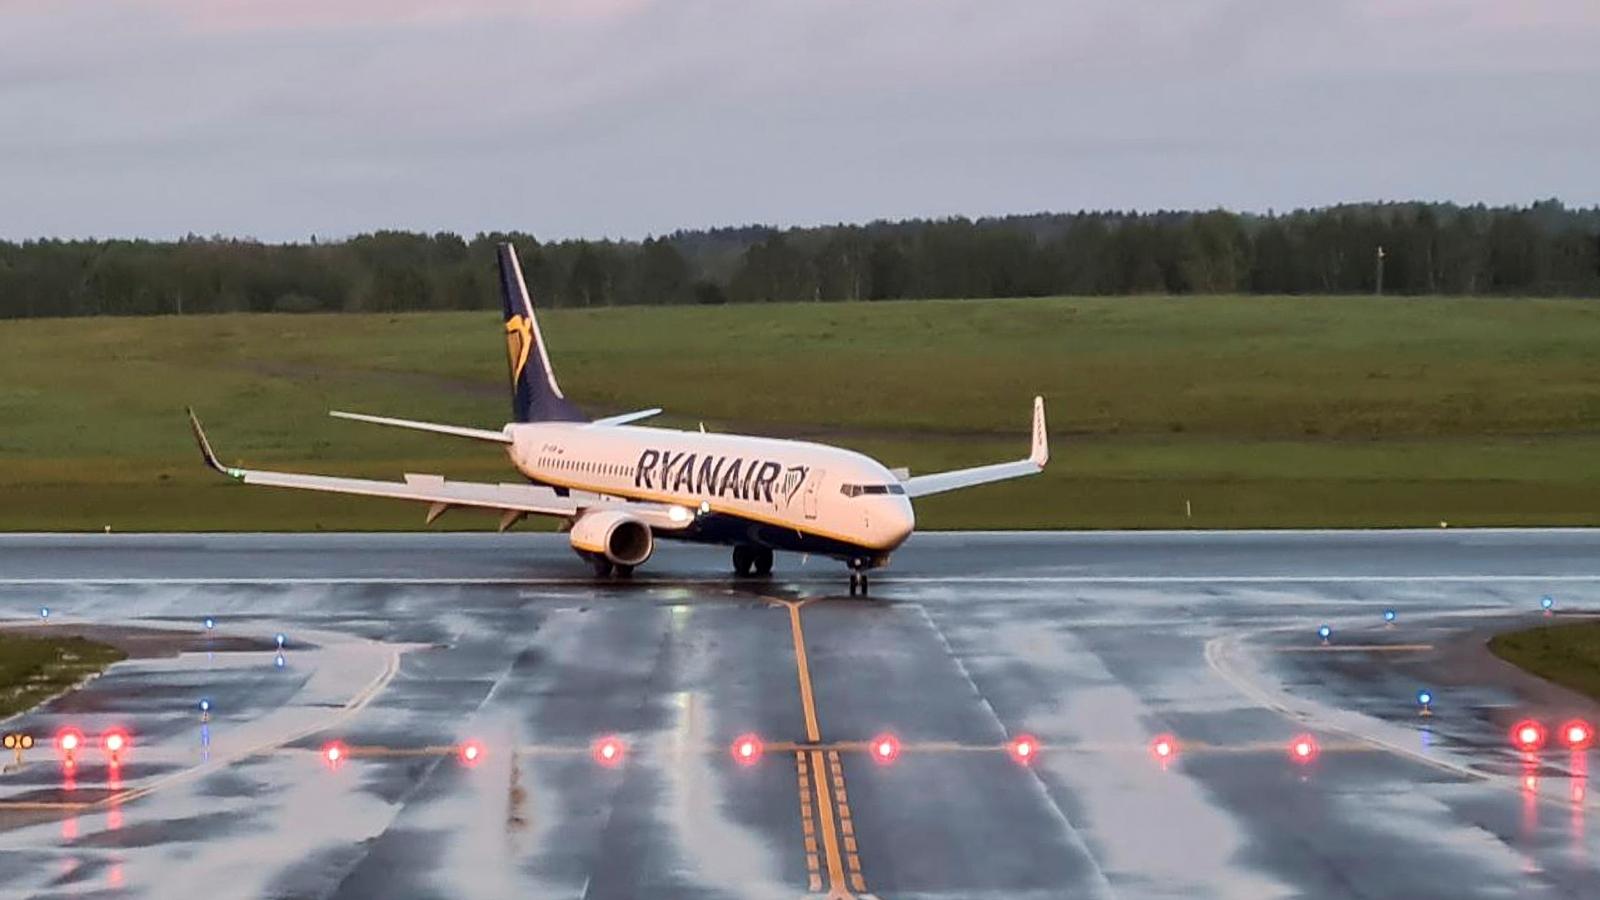 Mỹ chuẩn bị trừng phạt Belarus sau vụ ép máy bay hạ cánh